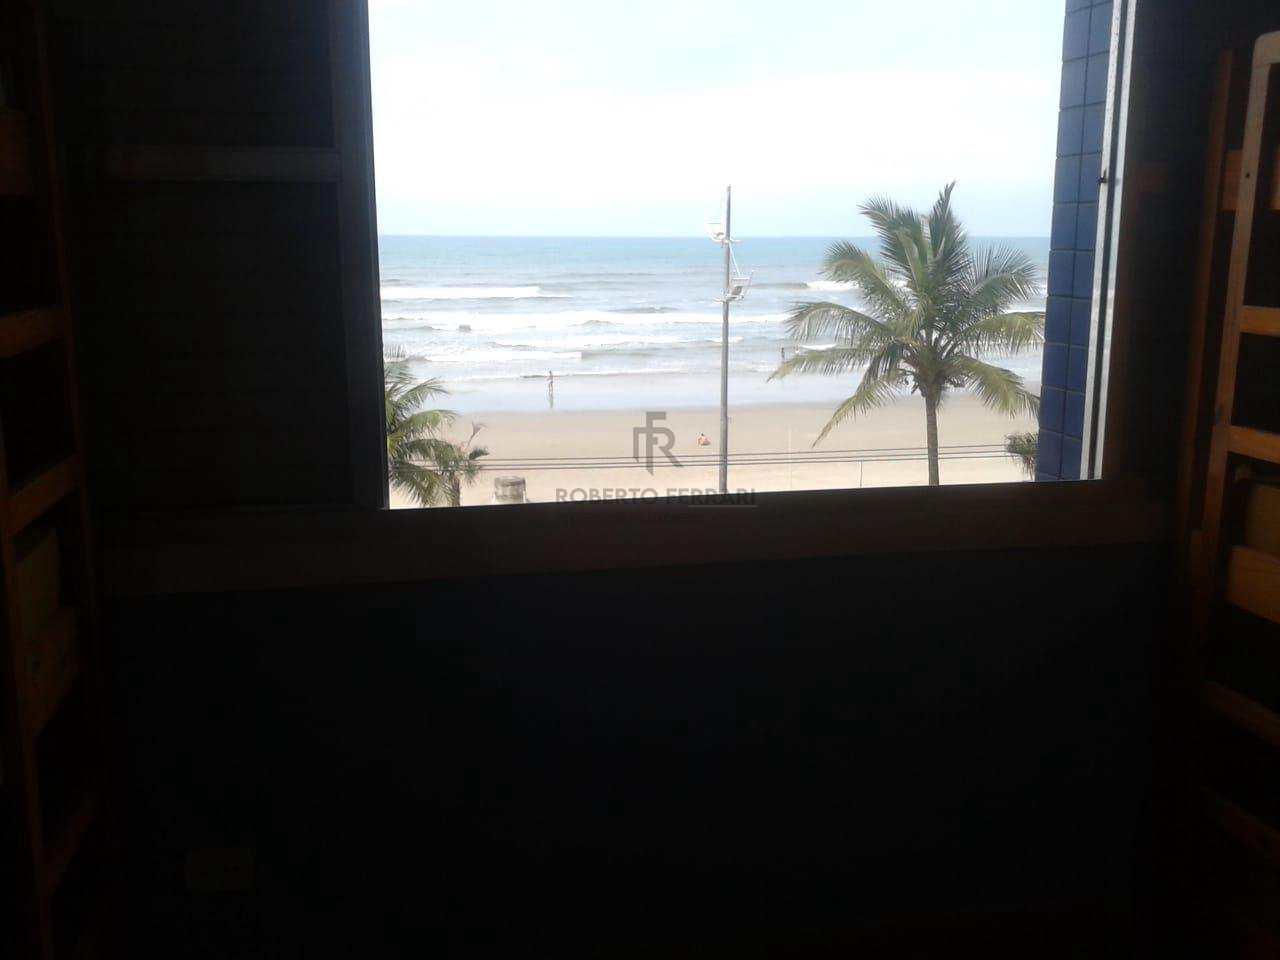 Apartamento com 1 dorm, Caiçara, Praia Grande - R$ 170.000,00, 0m² - Codigo: 66